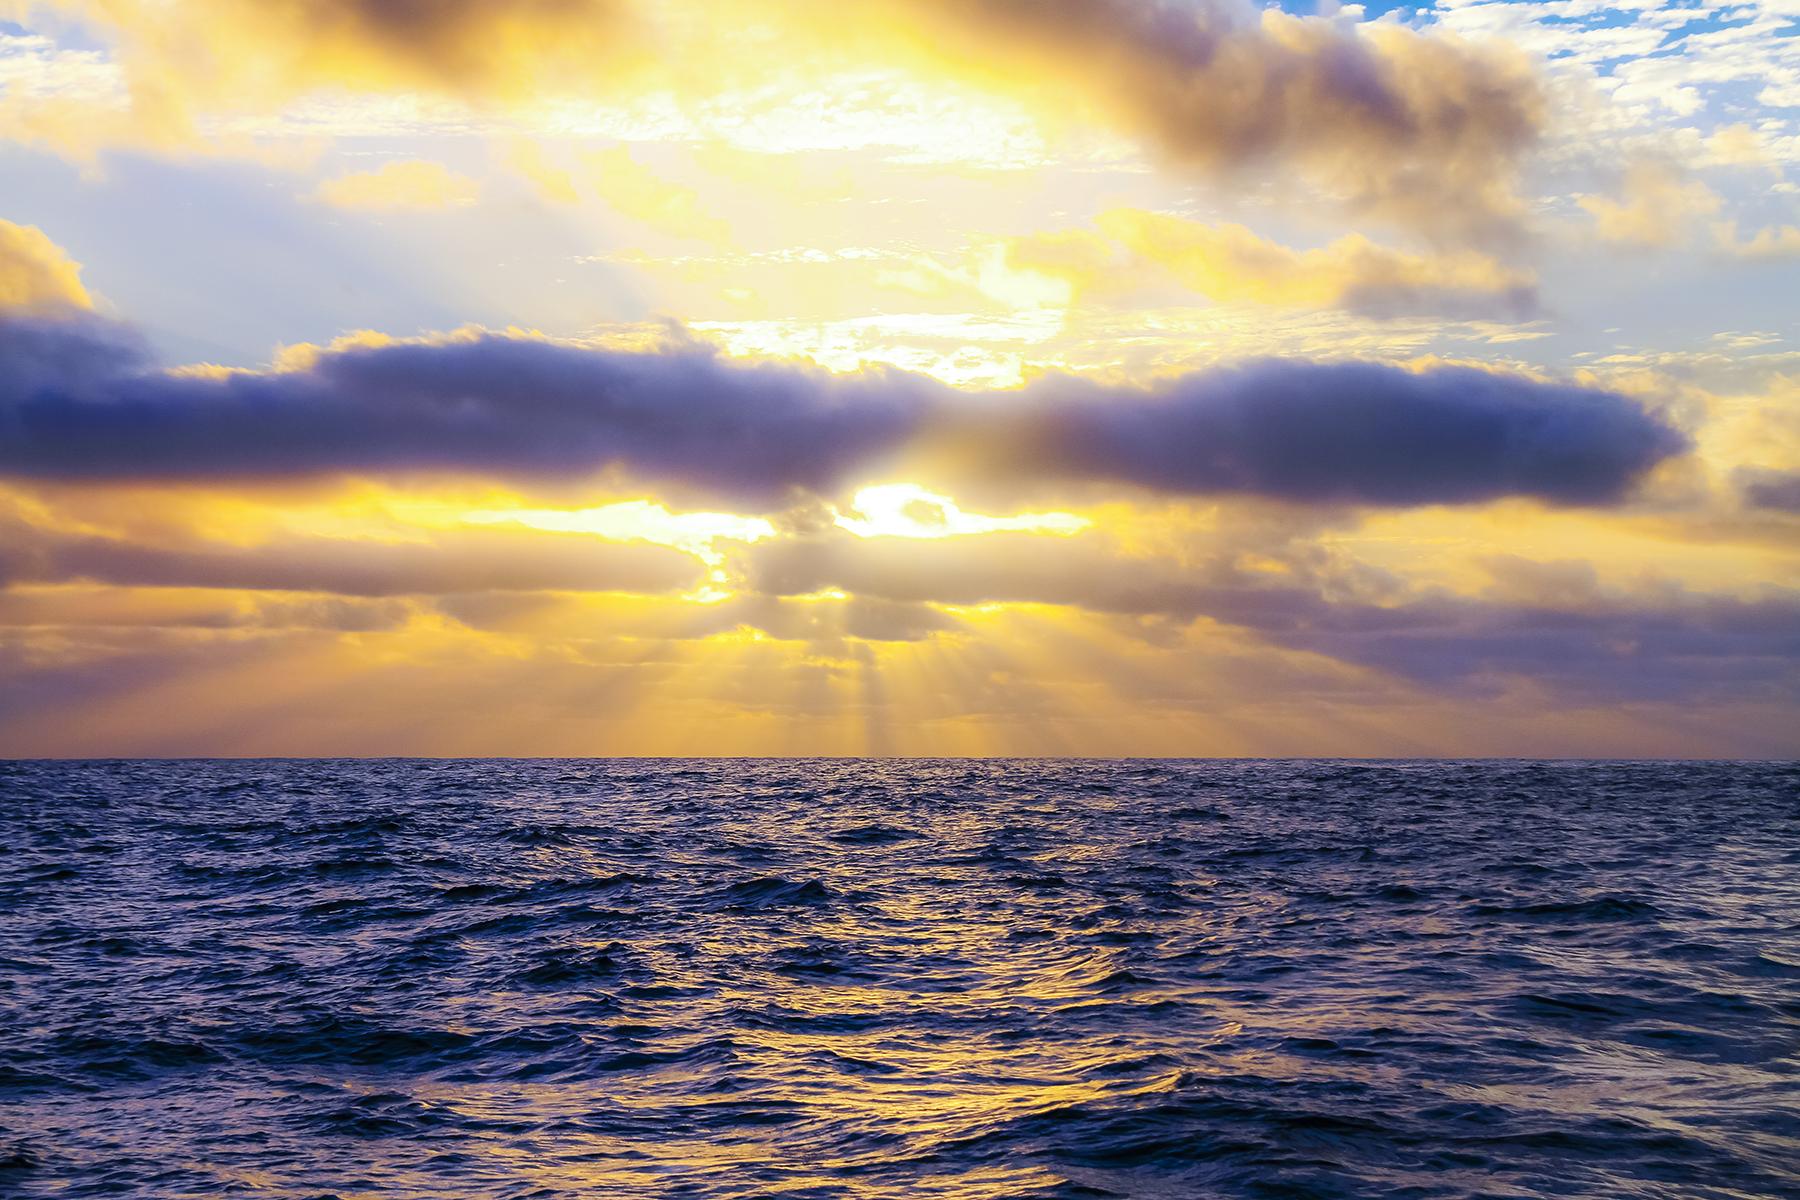 Sunset in an open ocean crossing